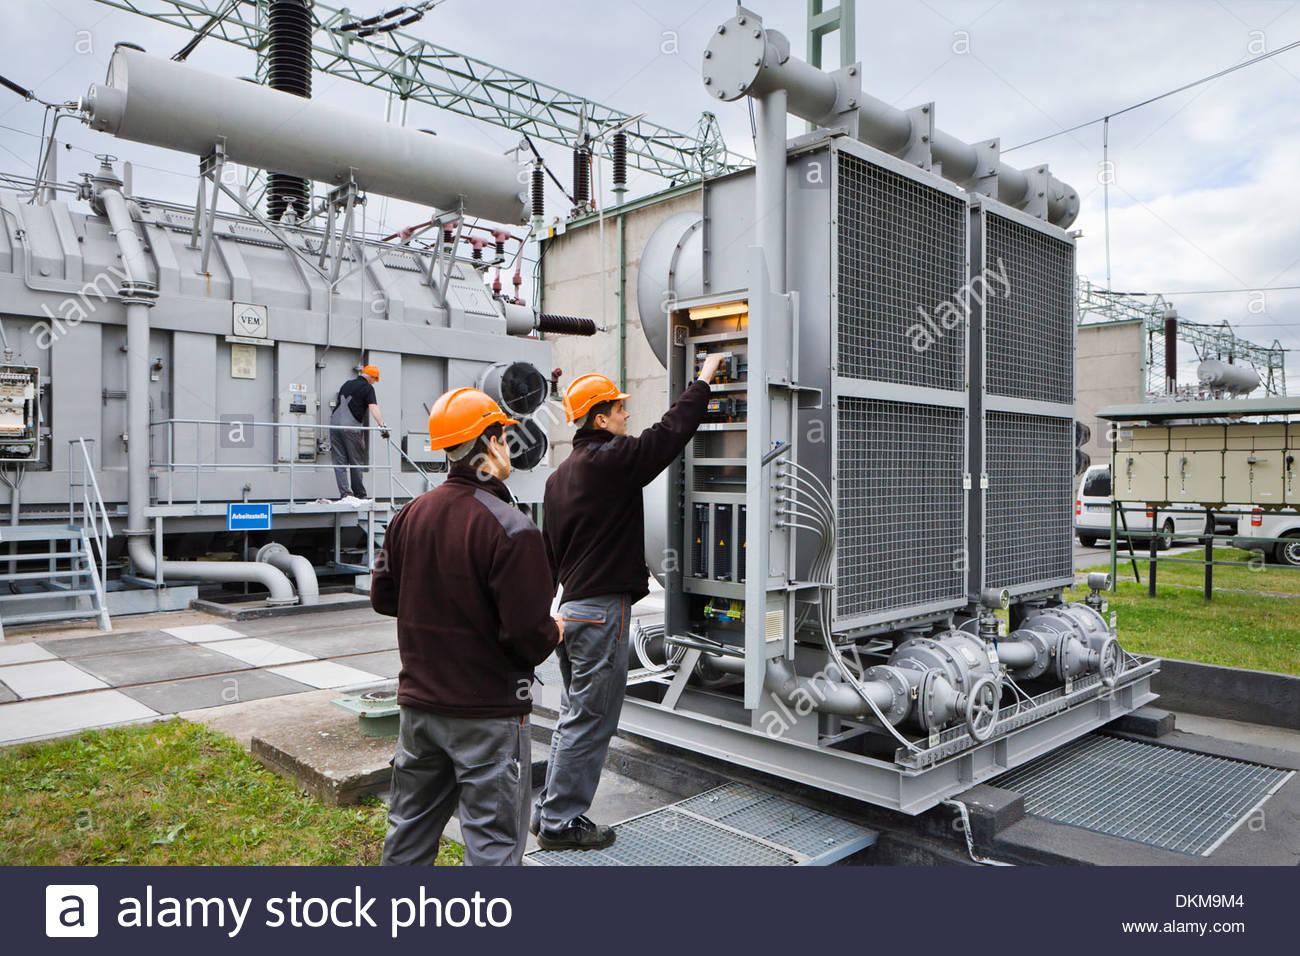 Image Result For Mobile Substation